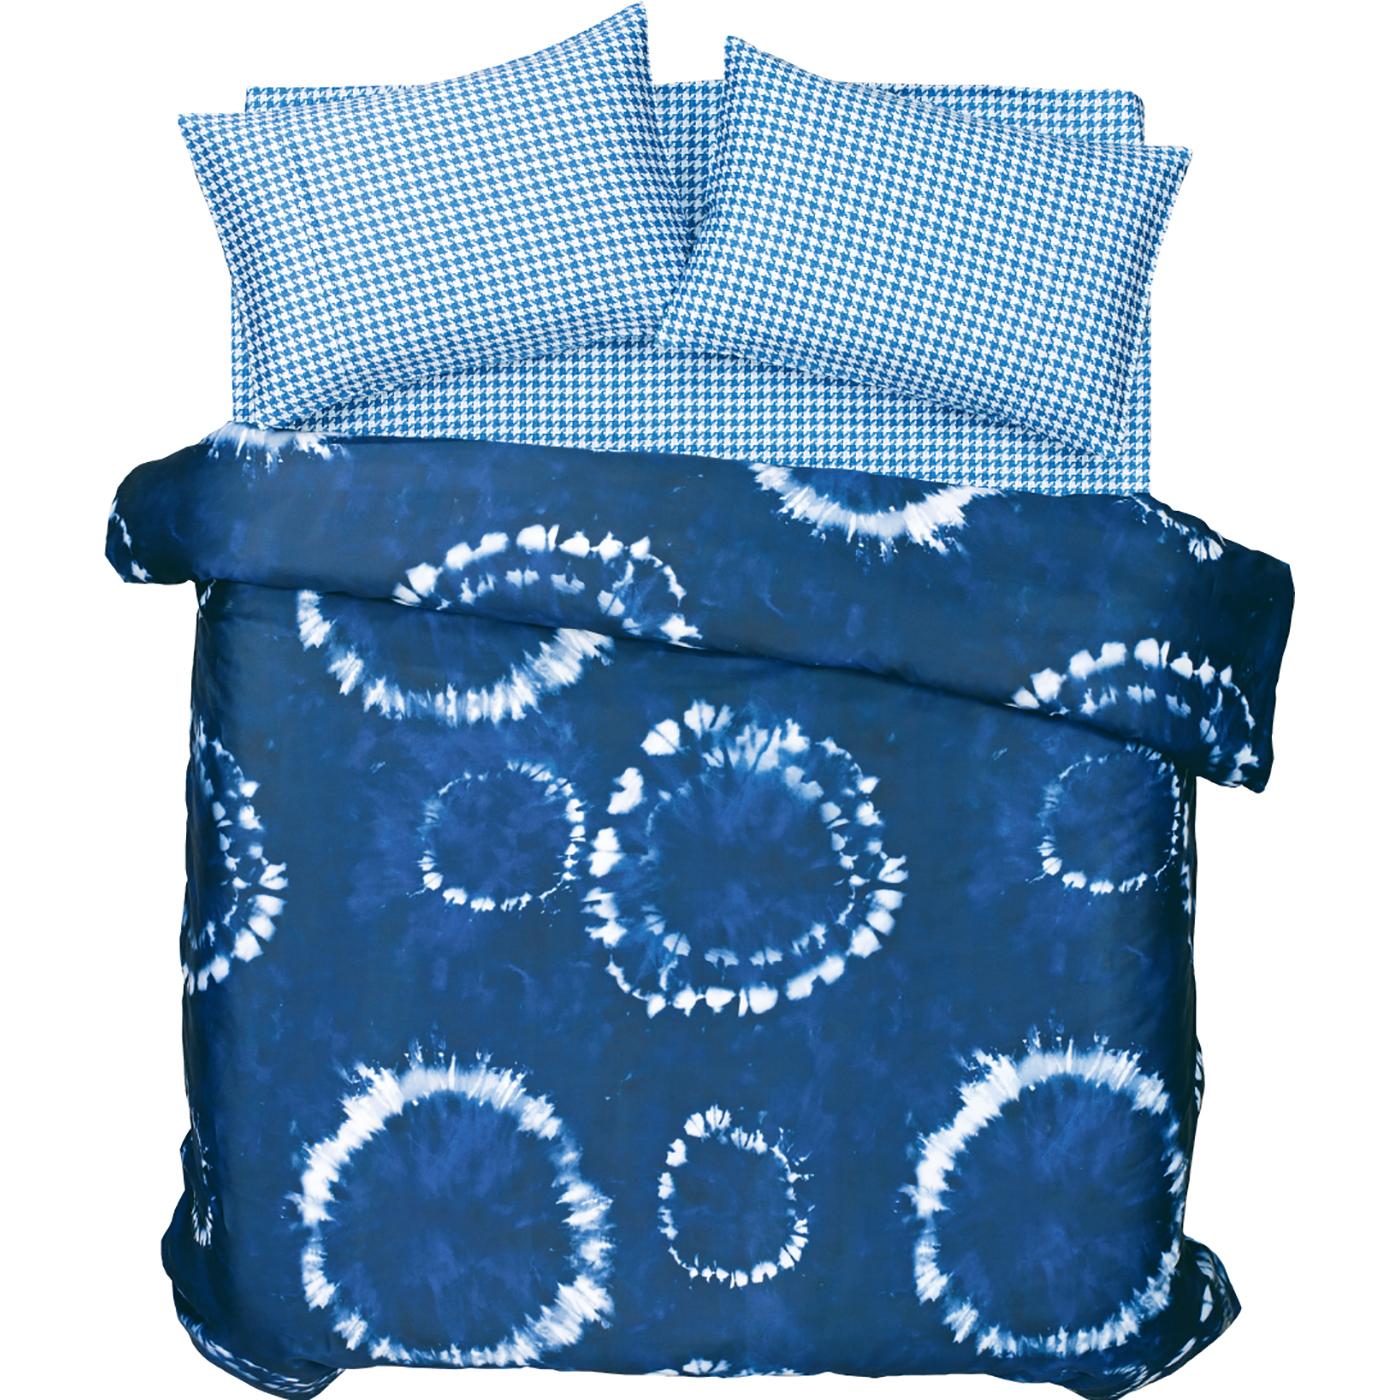 Купить Комплект постельного белья Batik Sax Euro, inmyroom, Турция